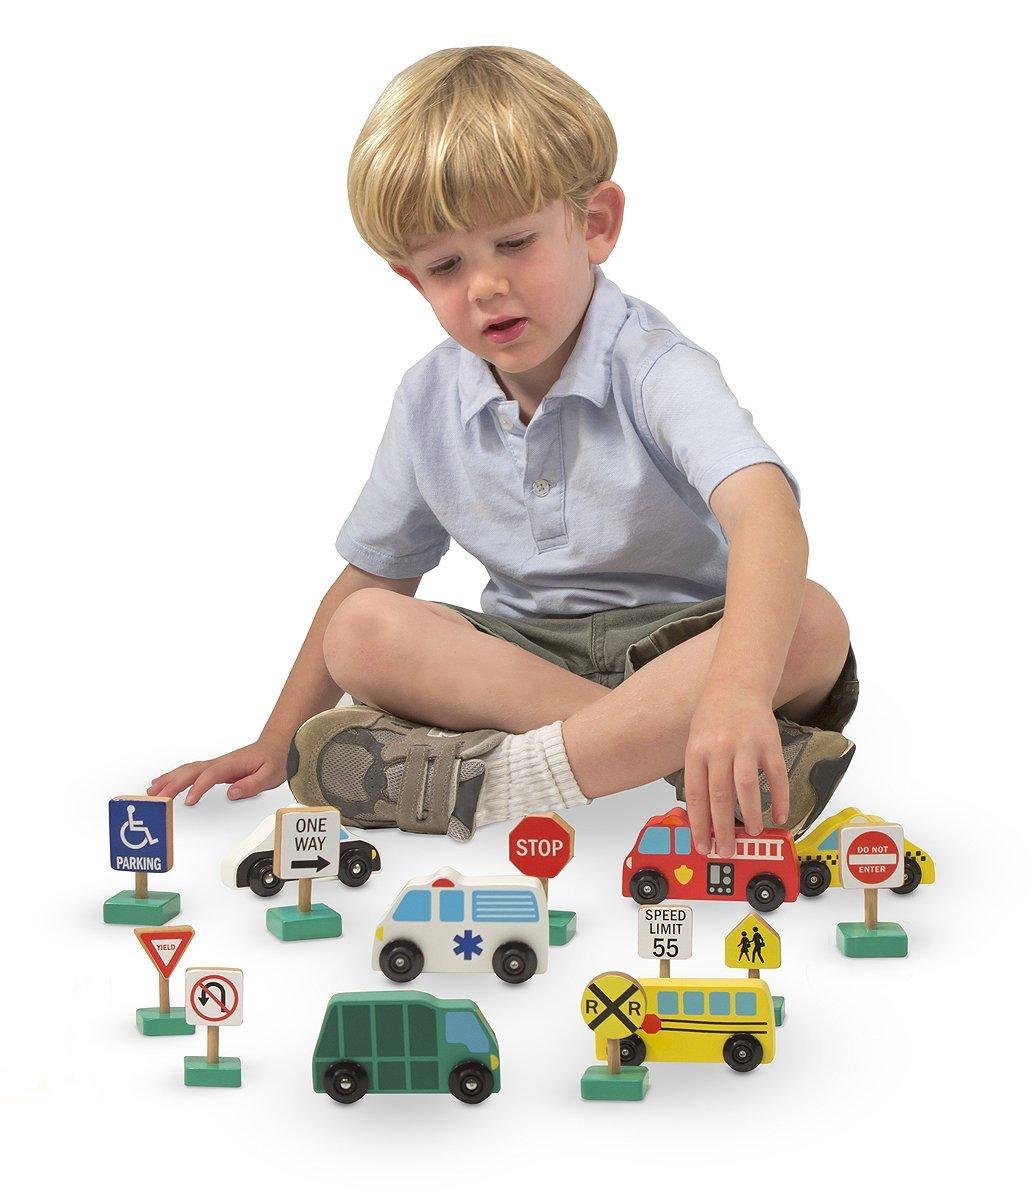 Bé sẽ có những giờ chơi bổ ích với đồ chơi giáo dục Melissa & Doug Bộ xe và biển báo giao thông